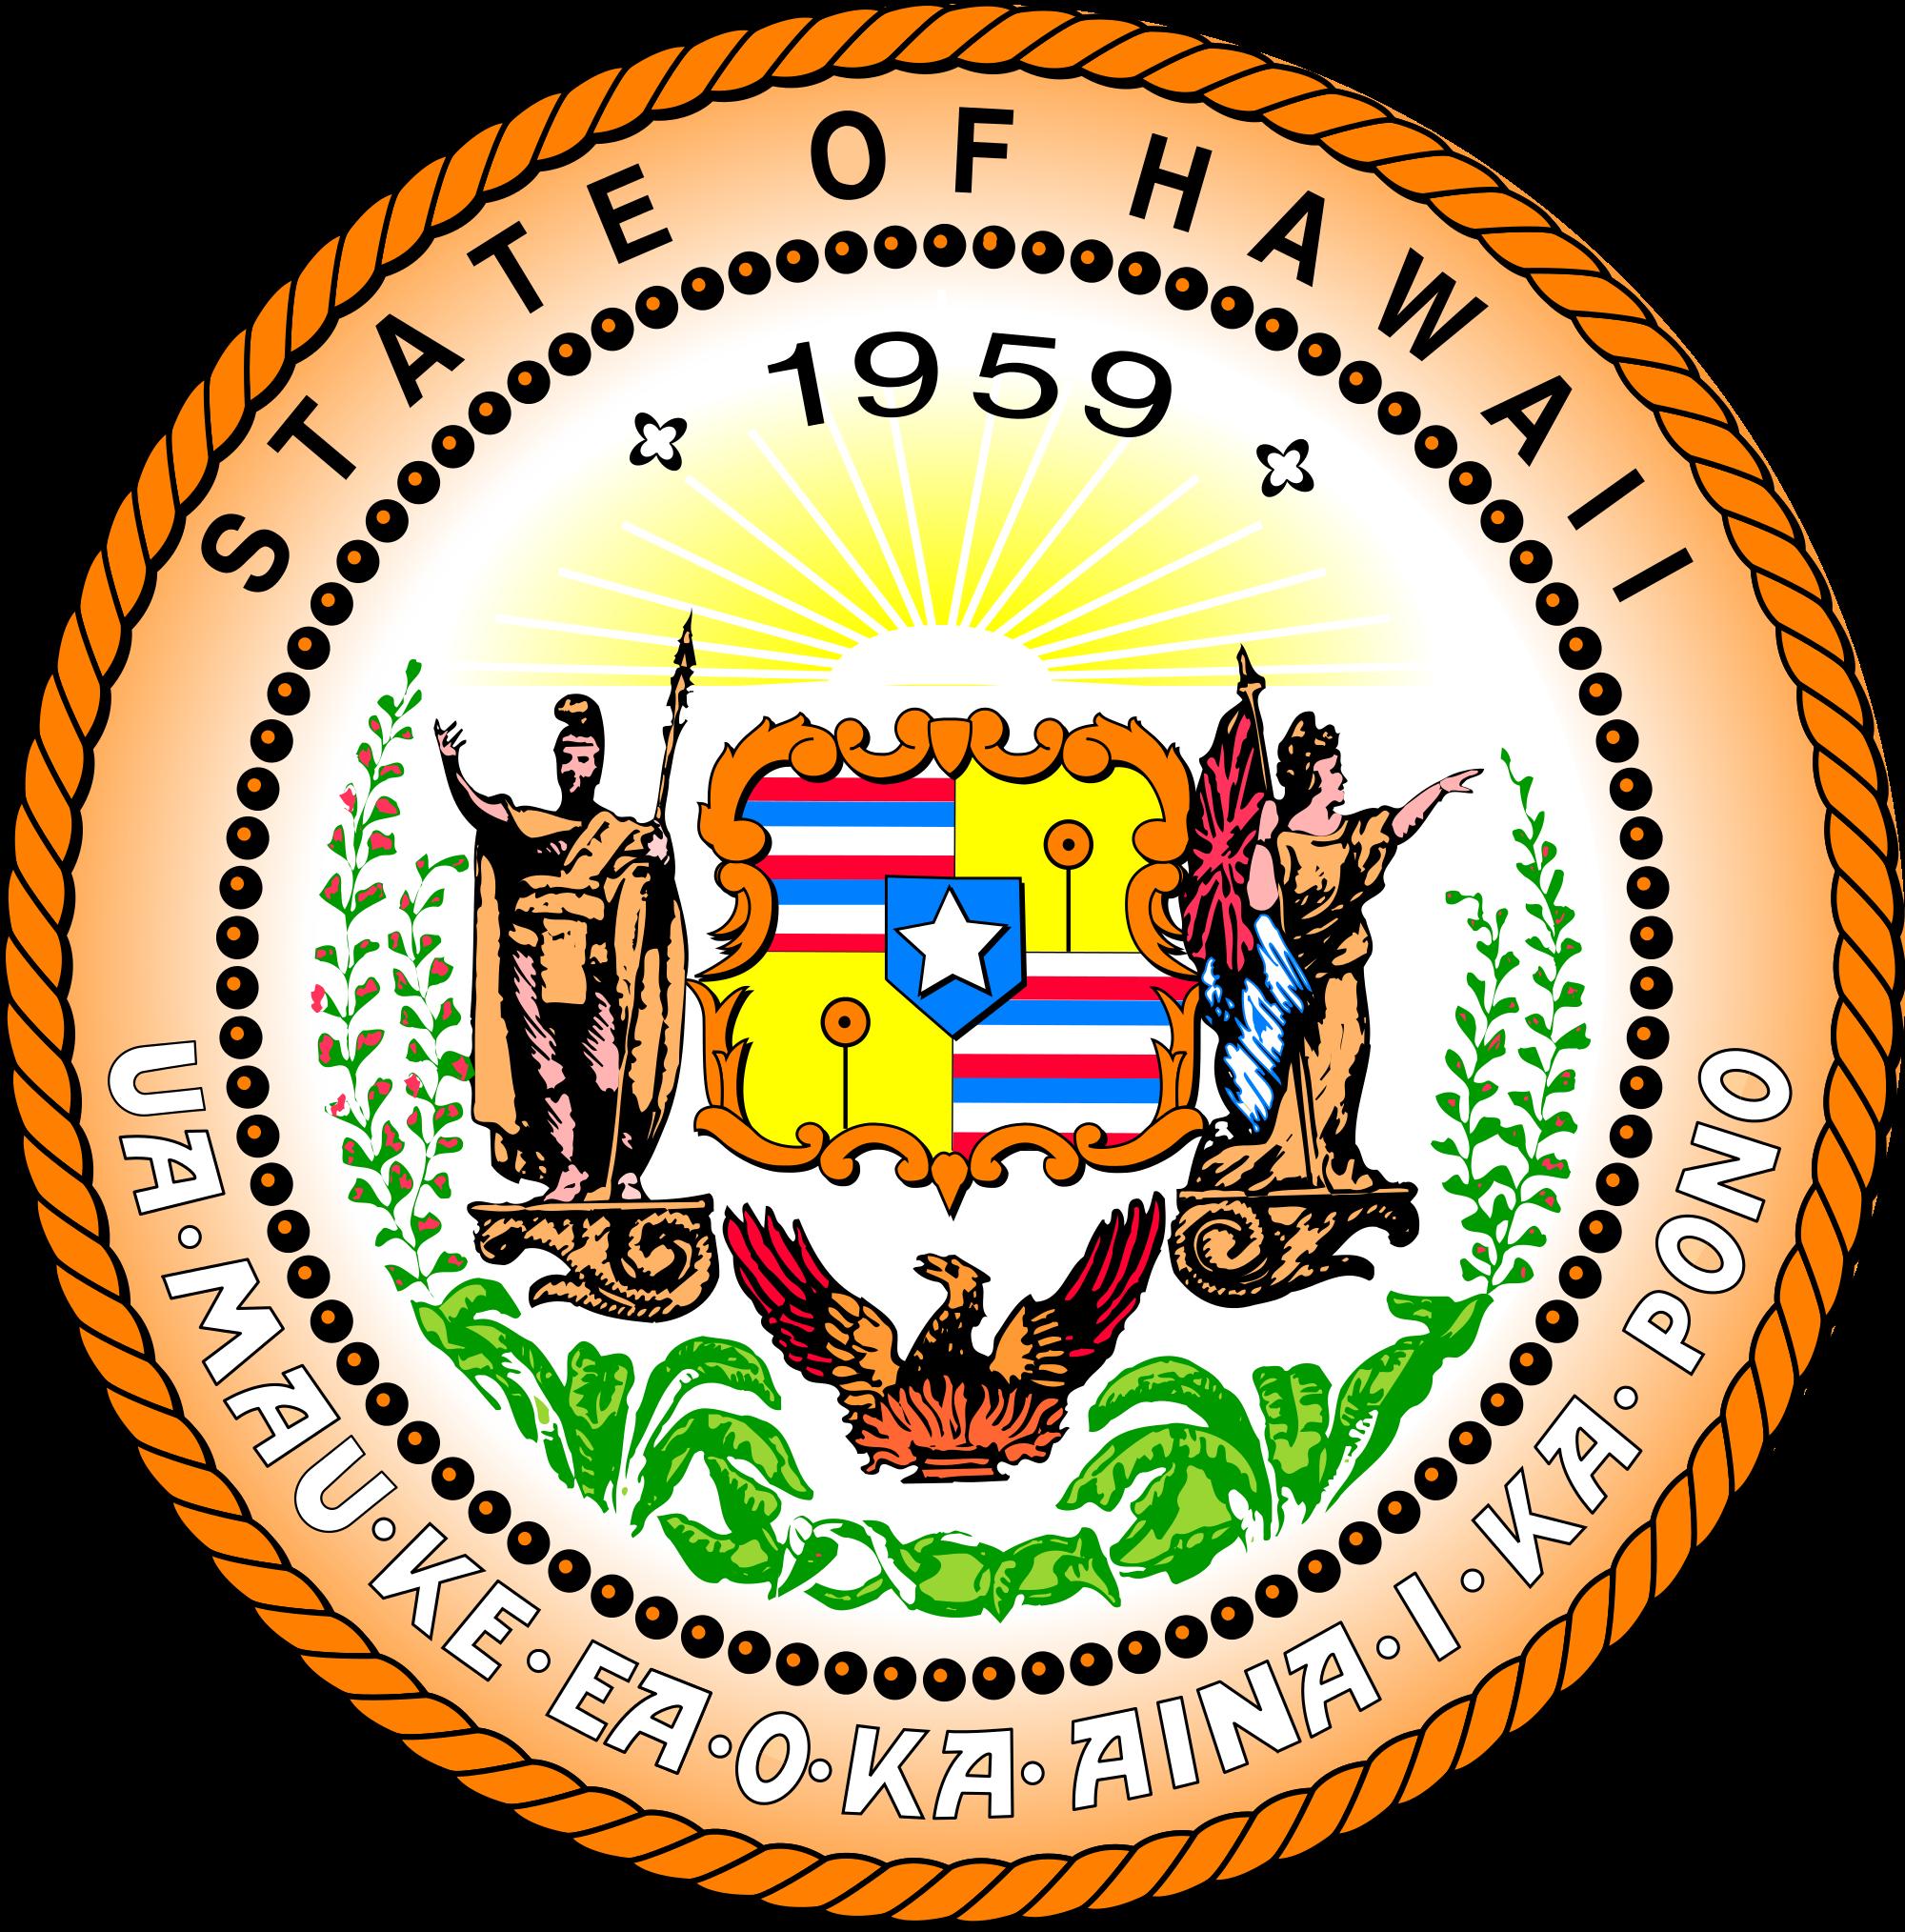 Hawaii wedding laws universal life church biocorpaavc Choice Image